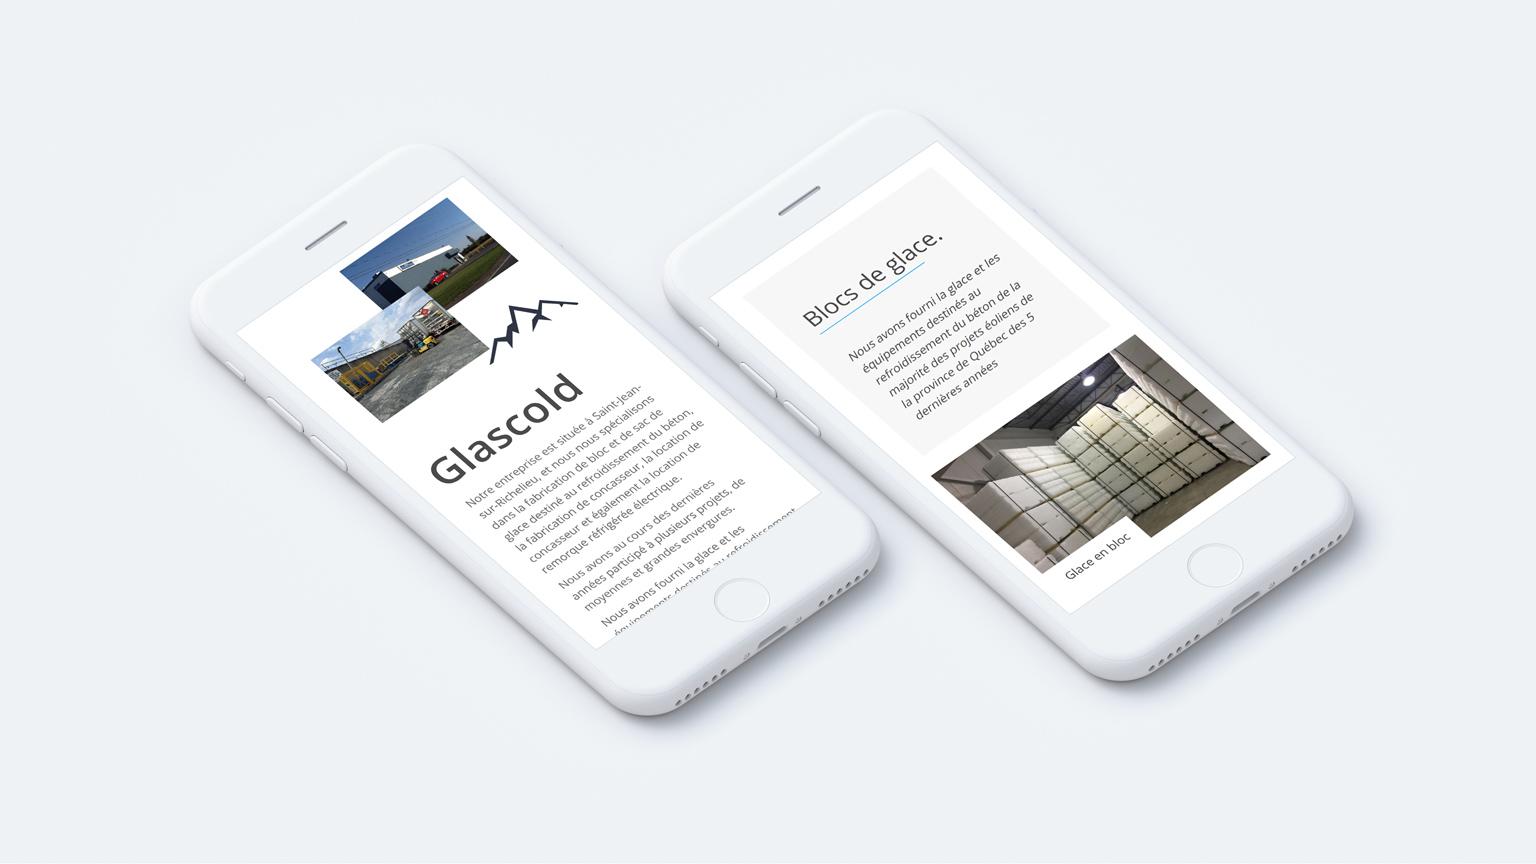 Maquette de deux appareils mobiles affichant le siteweb www.glascold.com